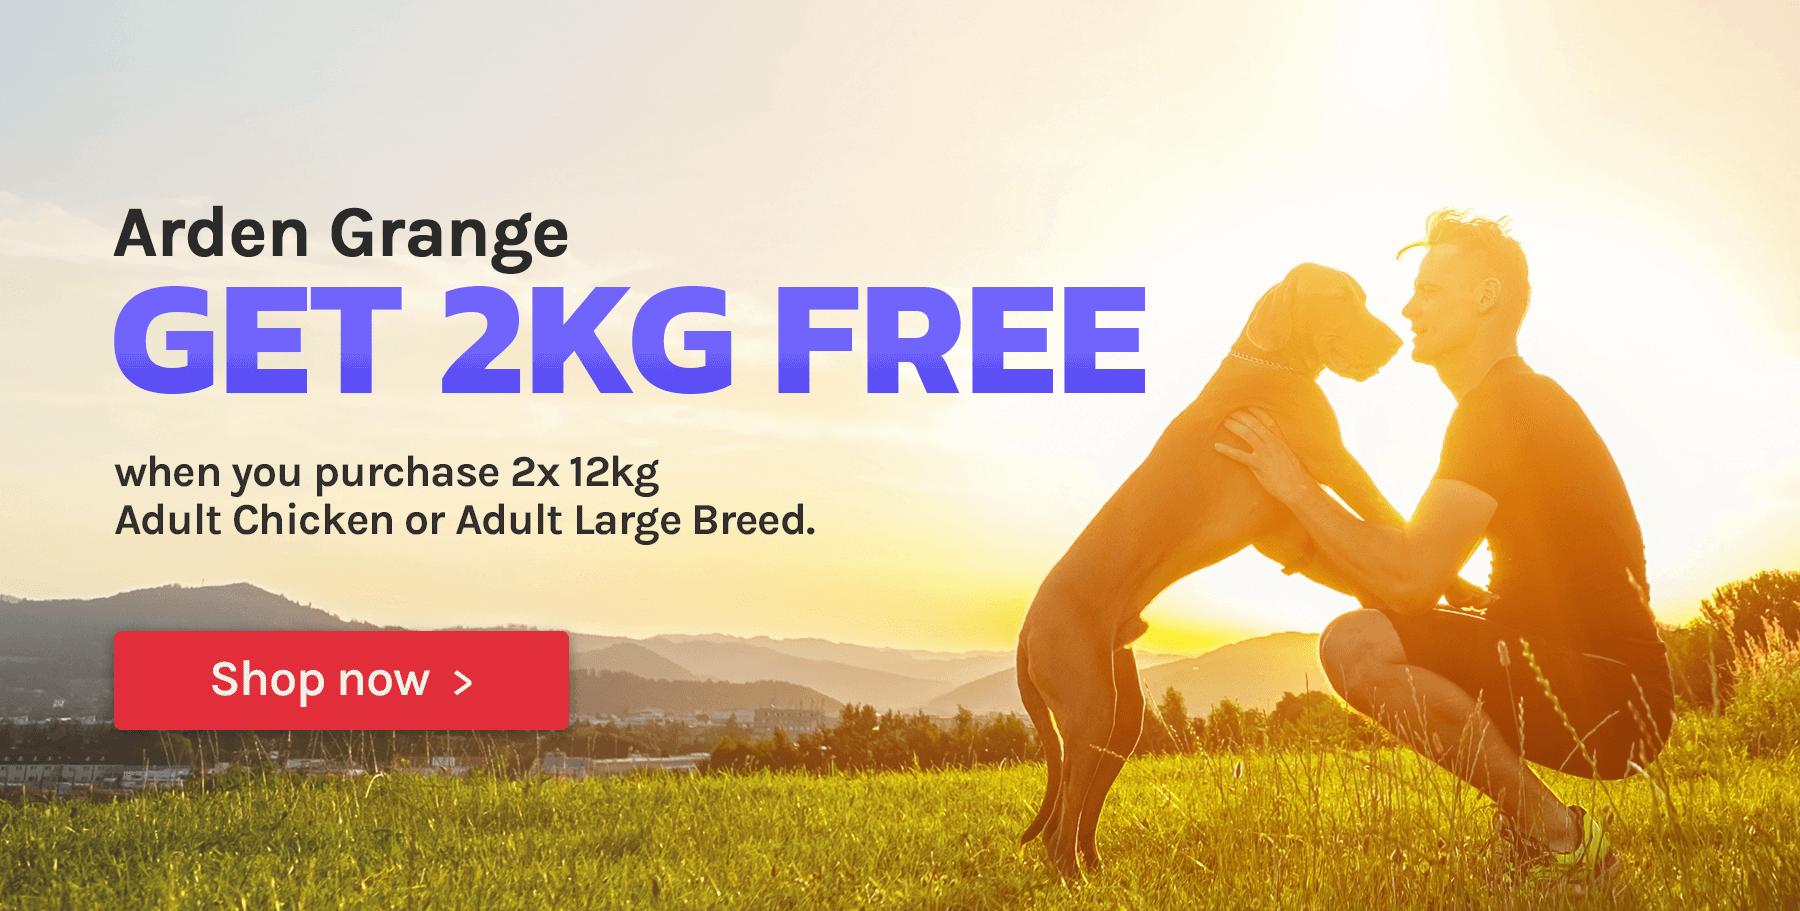 Arden Grange Get 2kg FREE